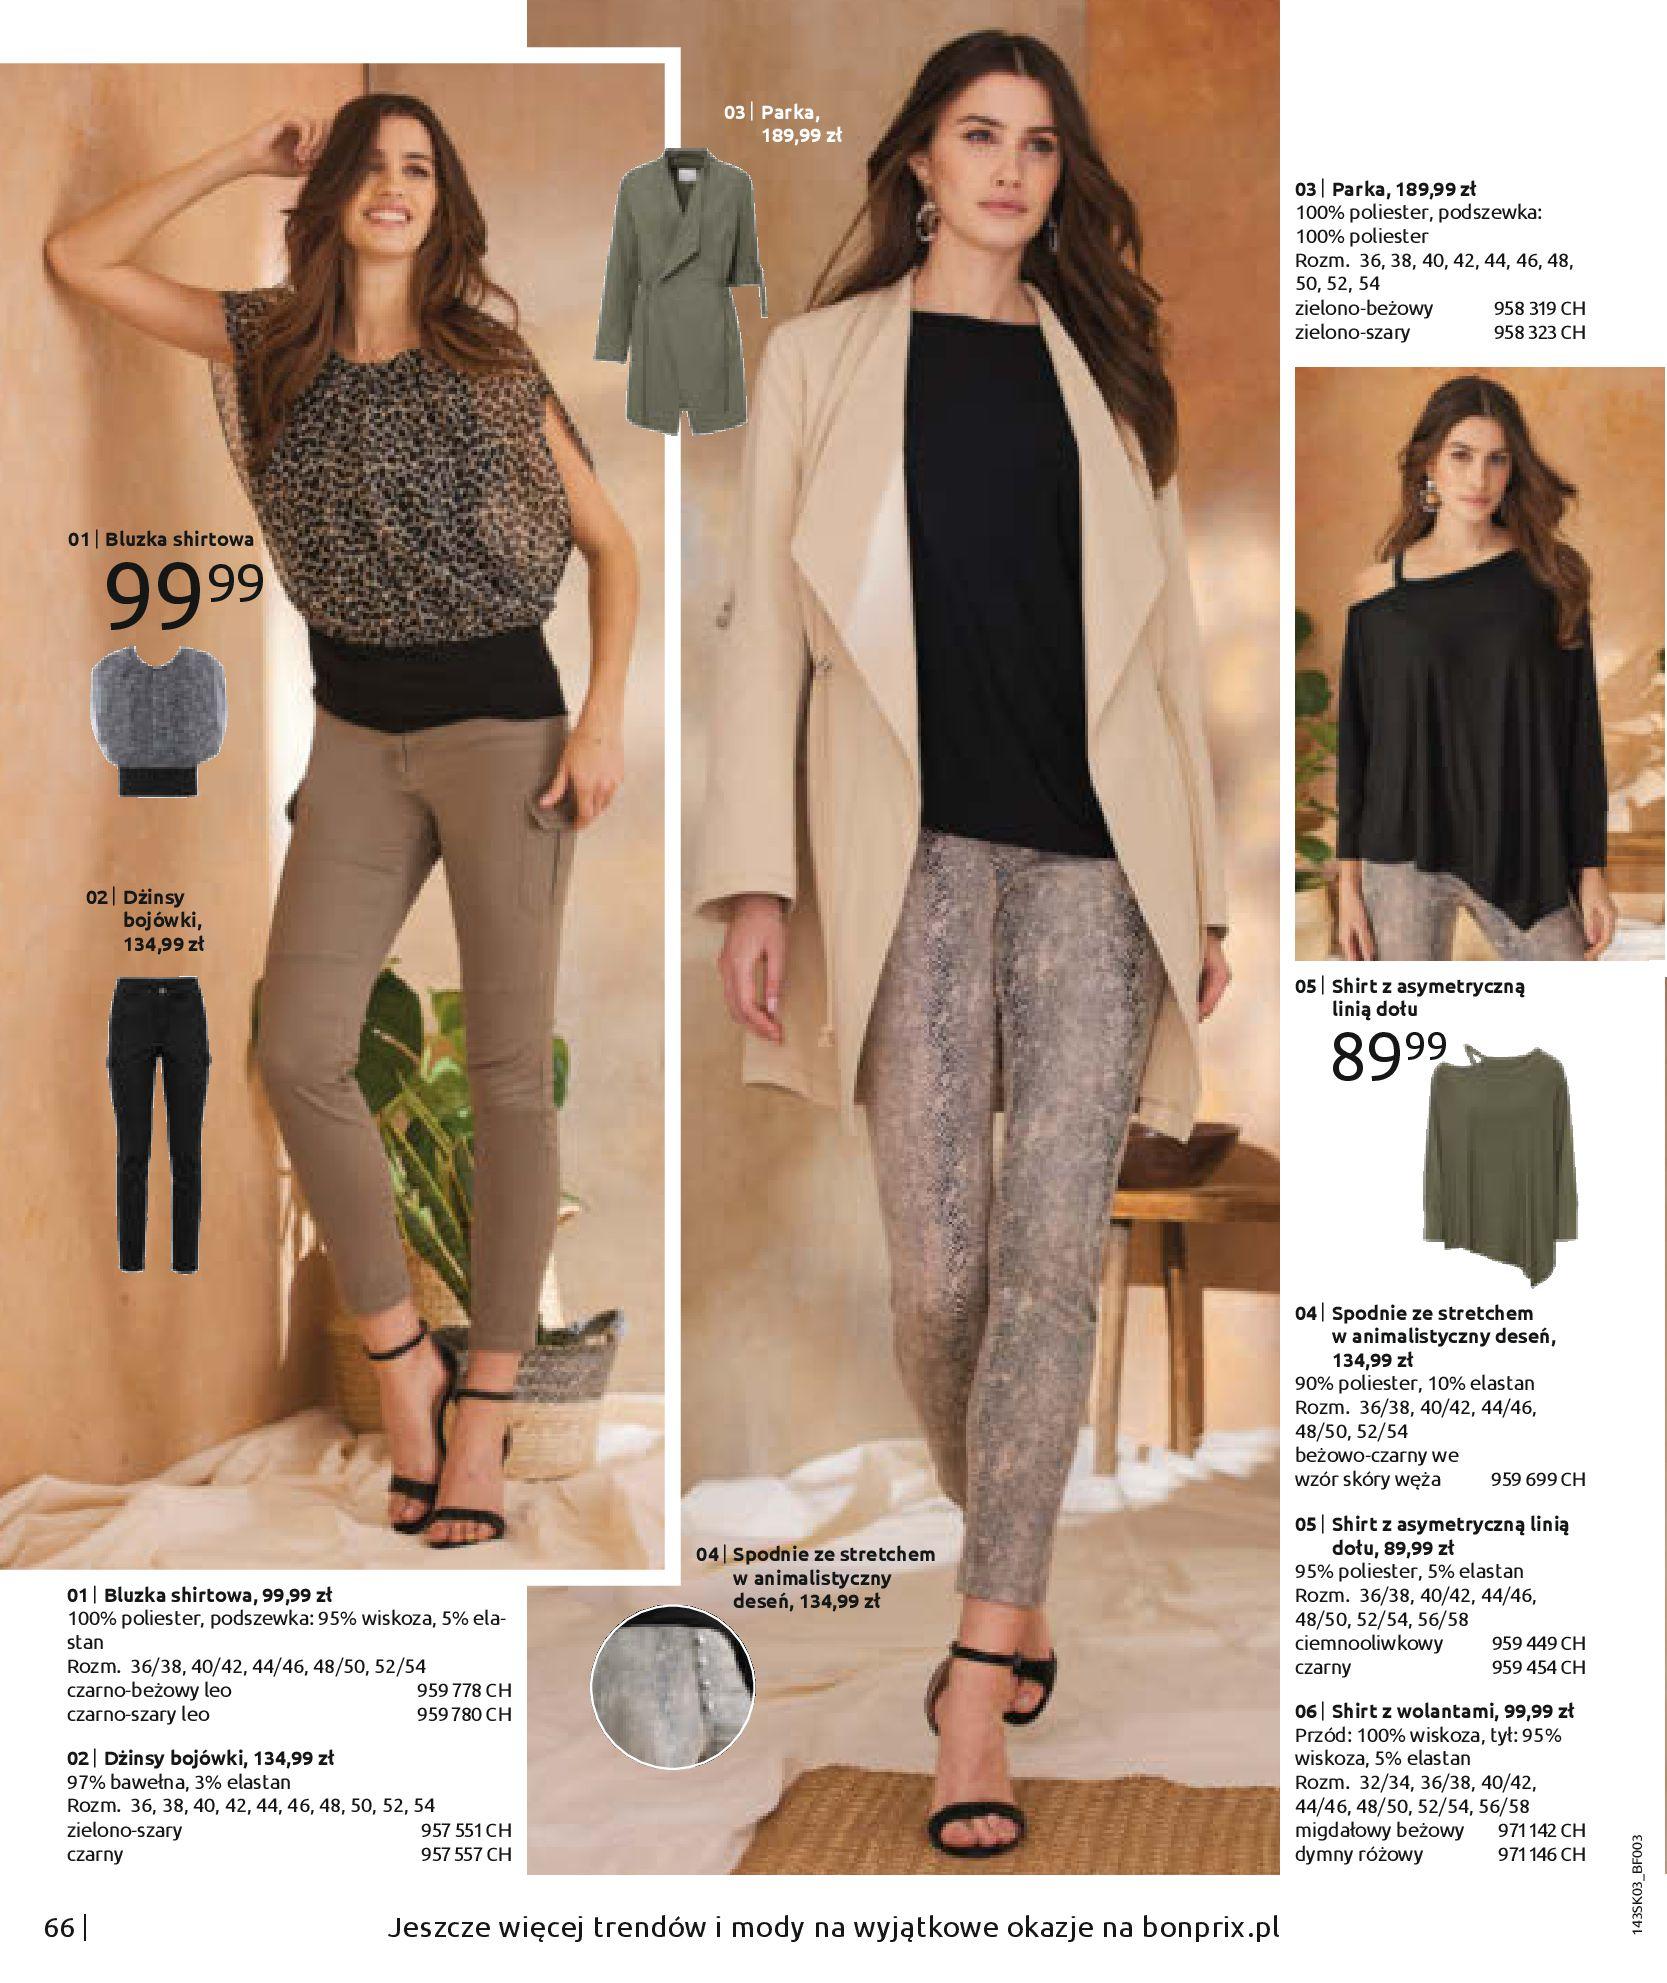 Gazetka Bonprix: Wiosenna moda 2021-03-05 page-68